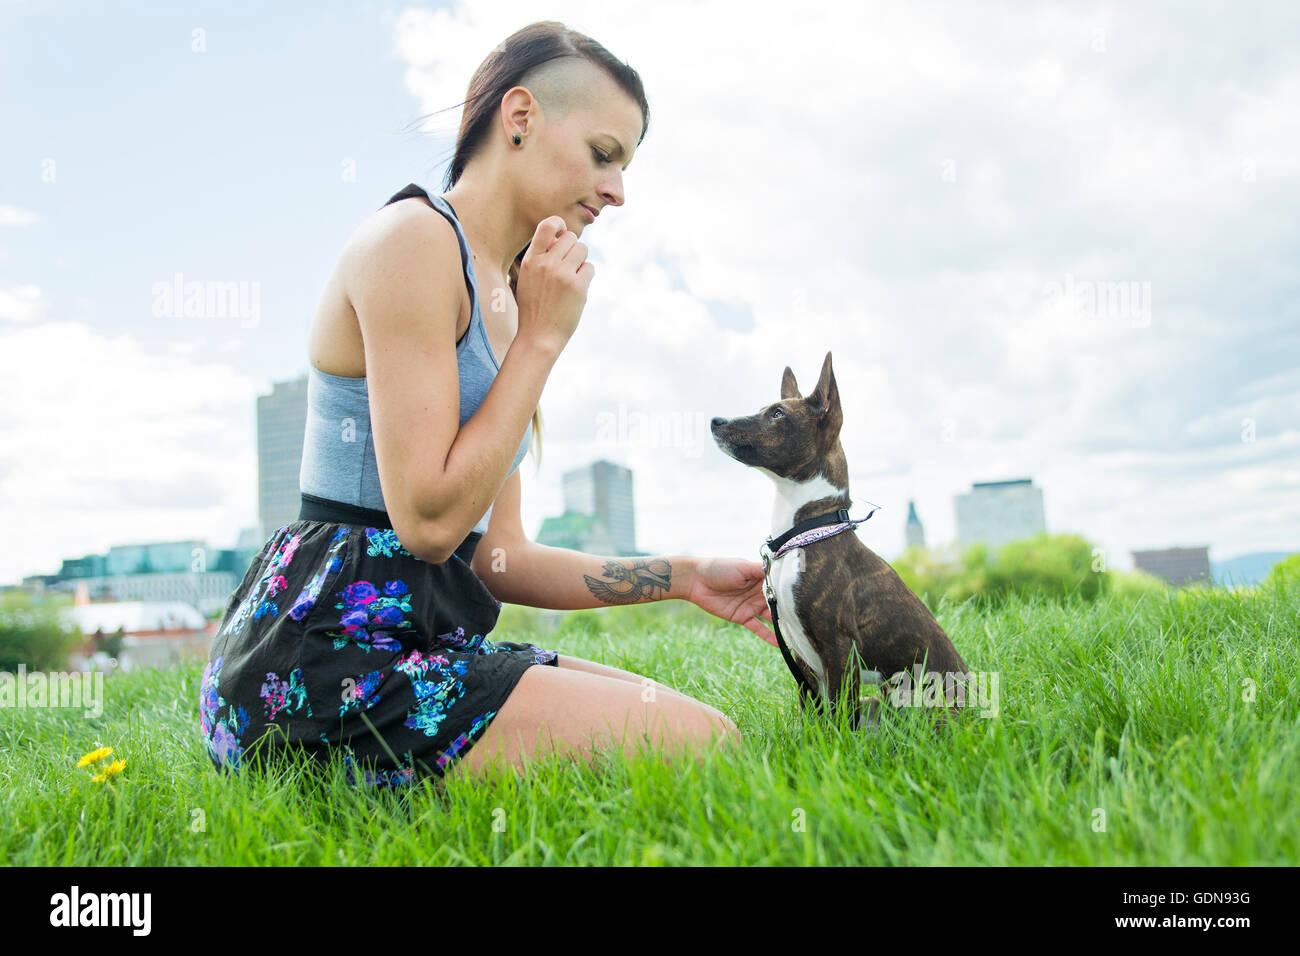 Ragazza con un cane nel parco Immagini Stock